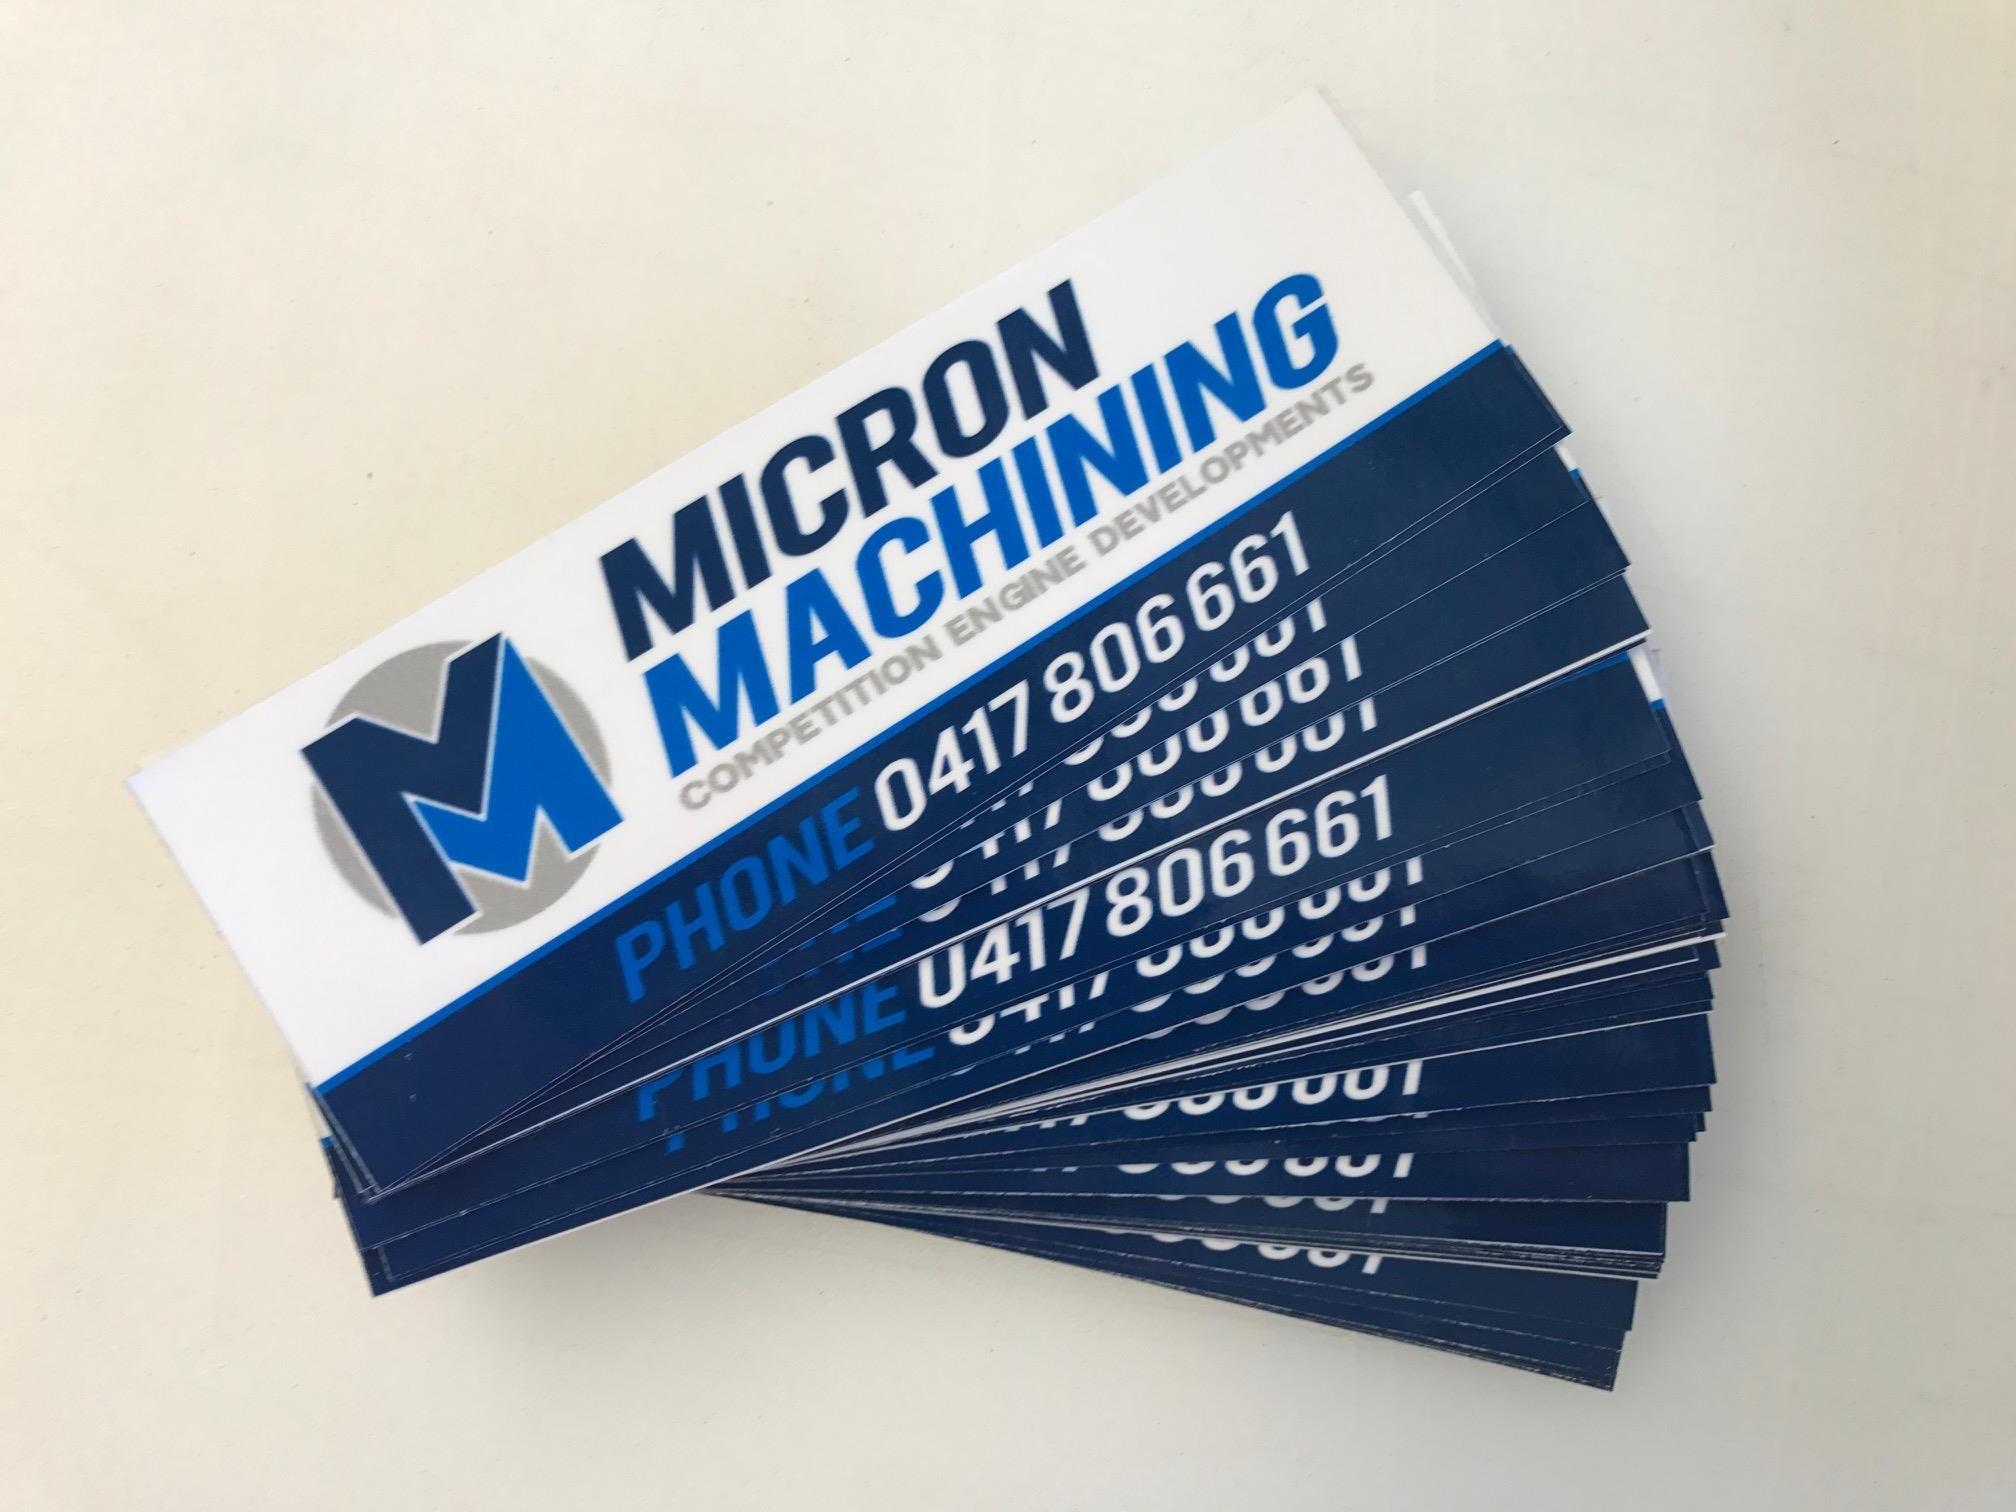 Michcon Machining Decals